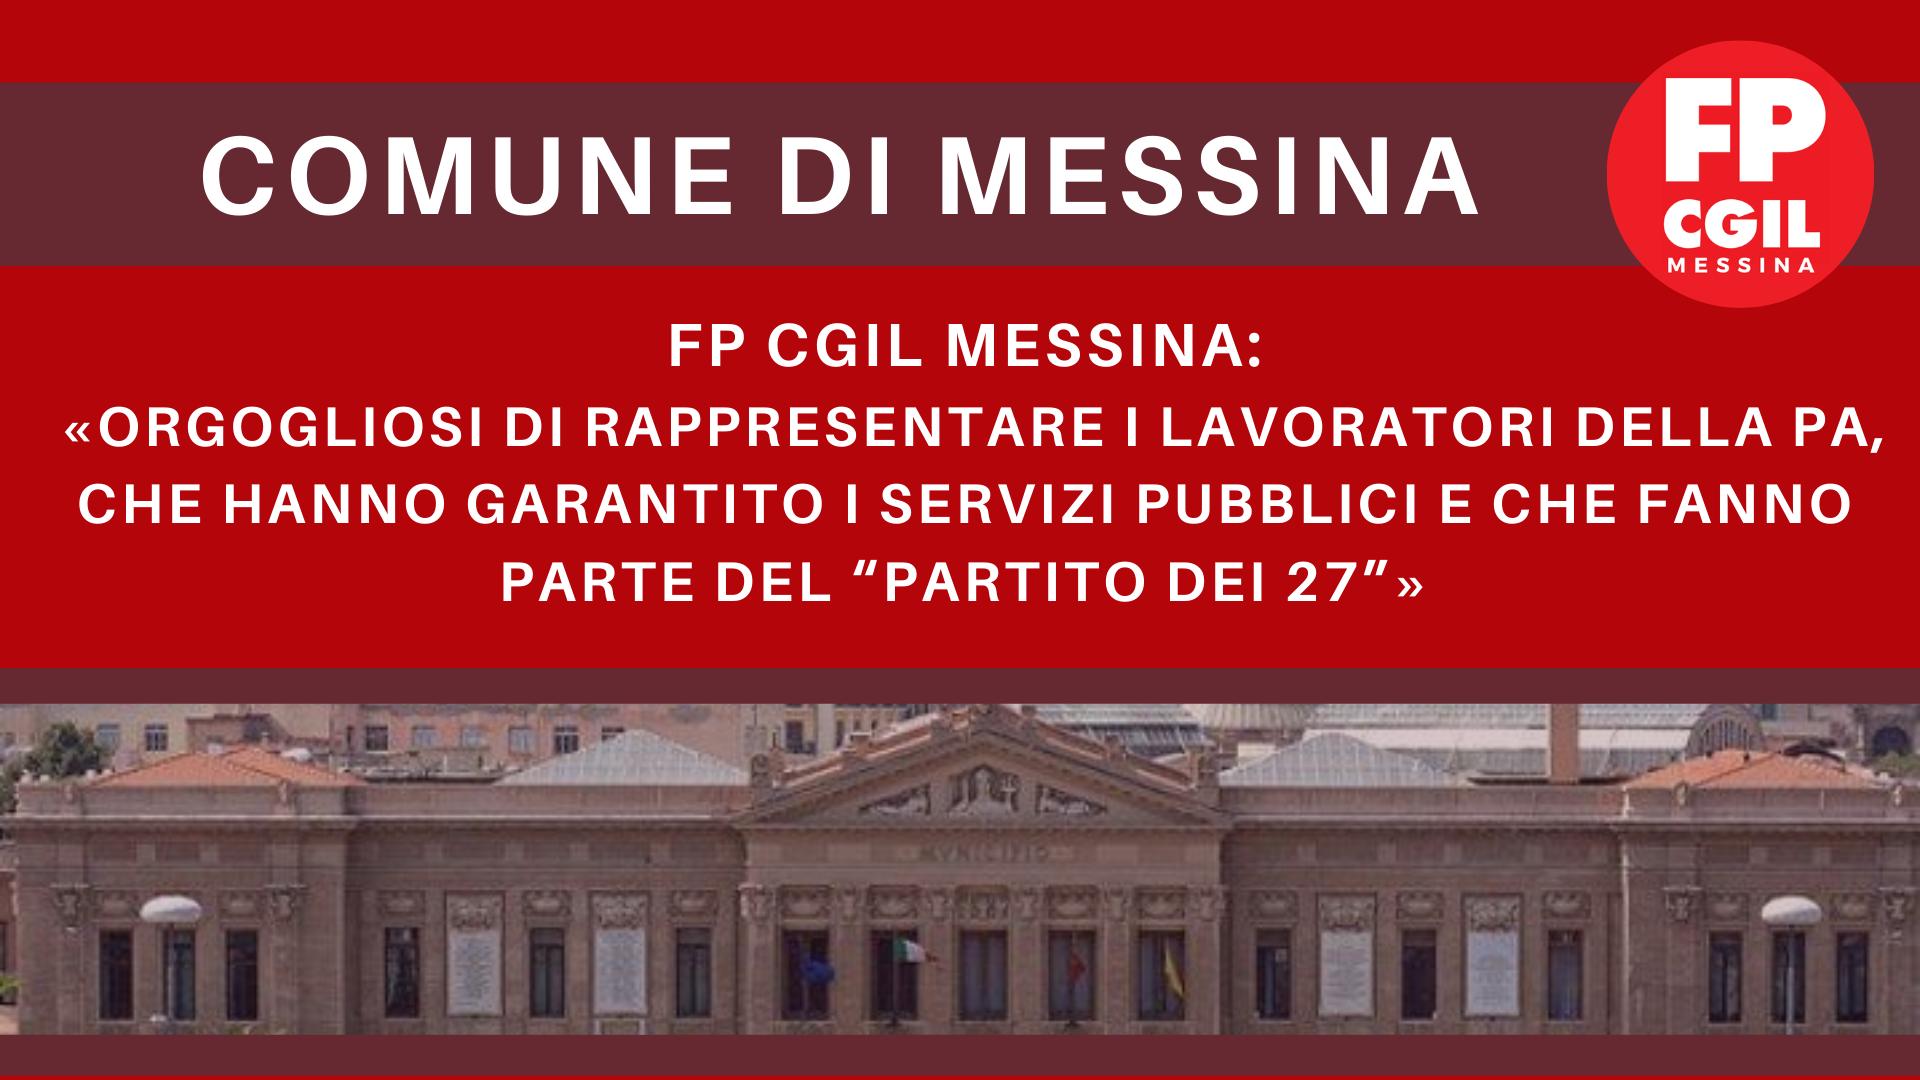 """Comune di Messina, FPCGIL: «Orgogliosi di rappresentare i lavoratori della PA, che hanno garantito i servizi pubblici e che fanno parte del """"partito dei 27""""»"""